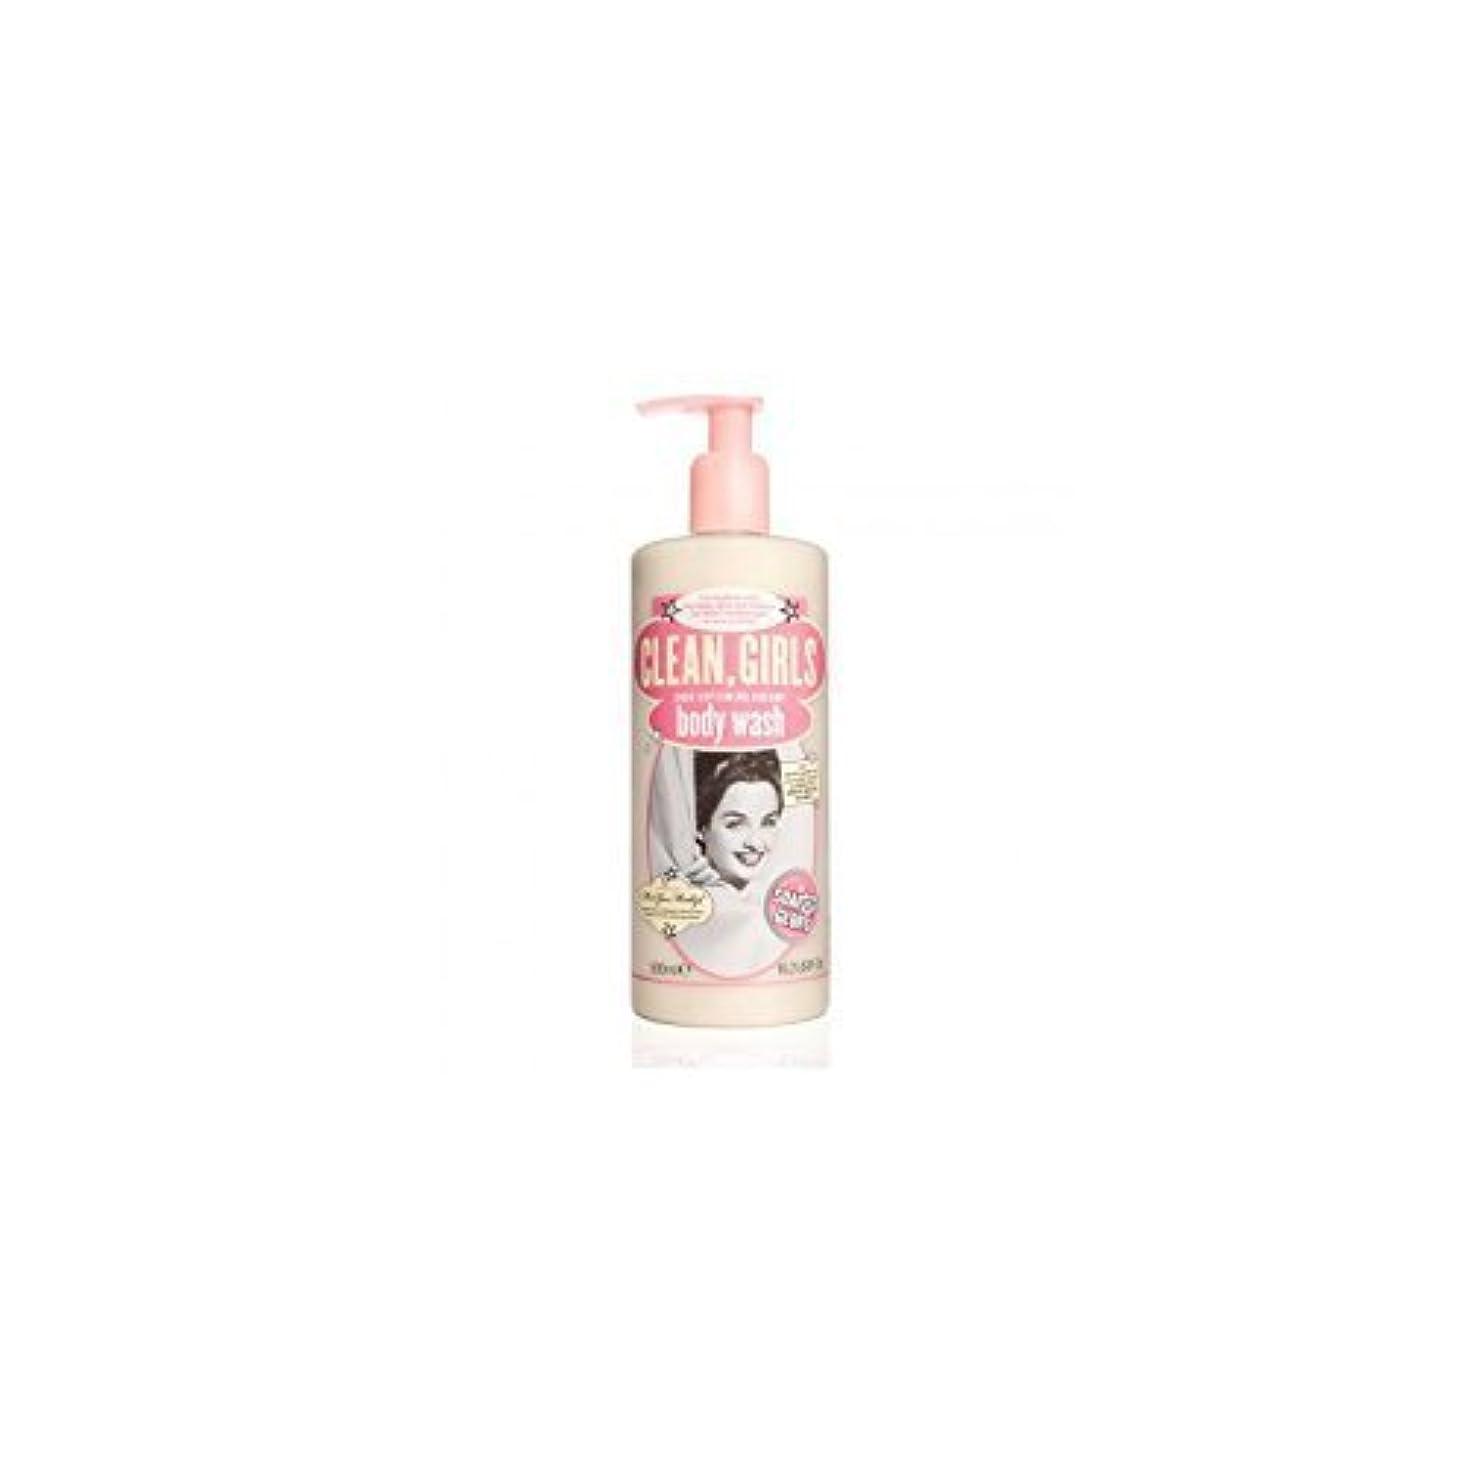 十代差別する約束するSoap & Glory Clean Girls Body Wash 500ml by Trifing